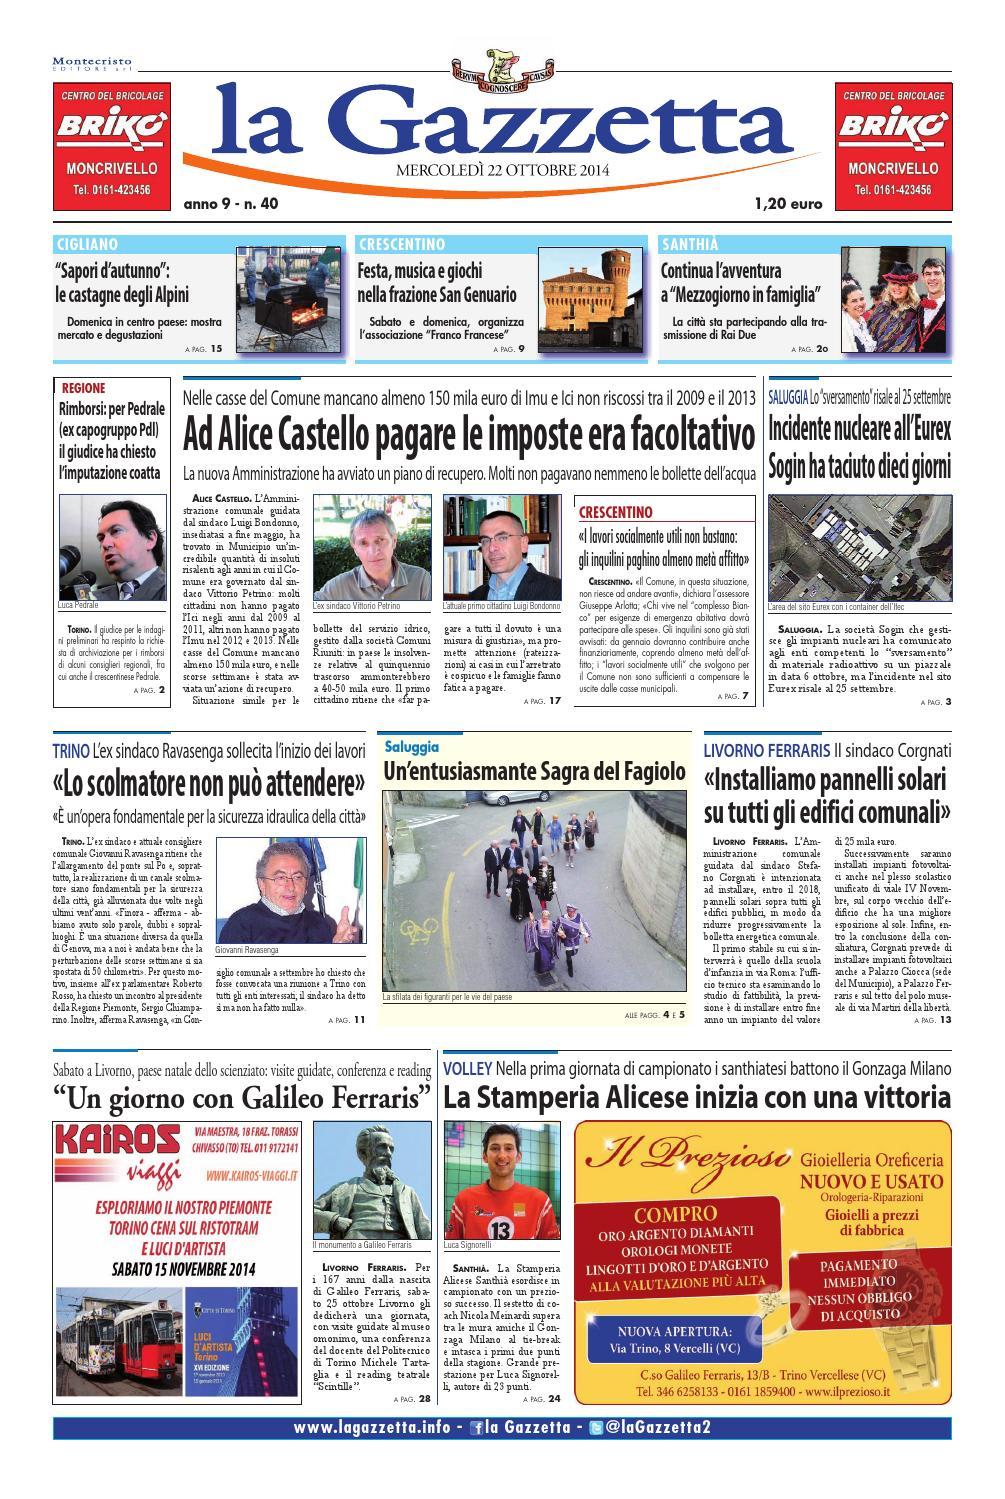 la Gazzetta 22 ottobre 2014 by La Gazzetta - issuu a47960db7a1d5